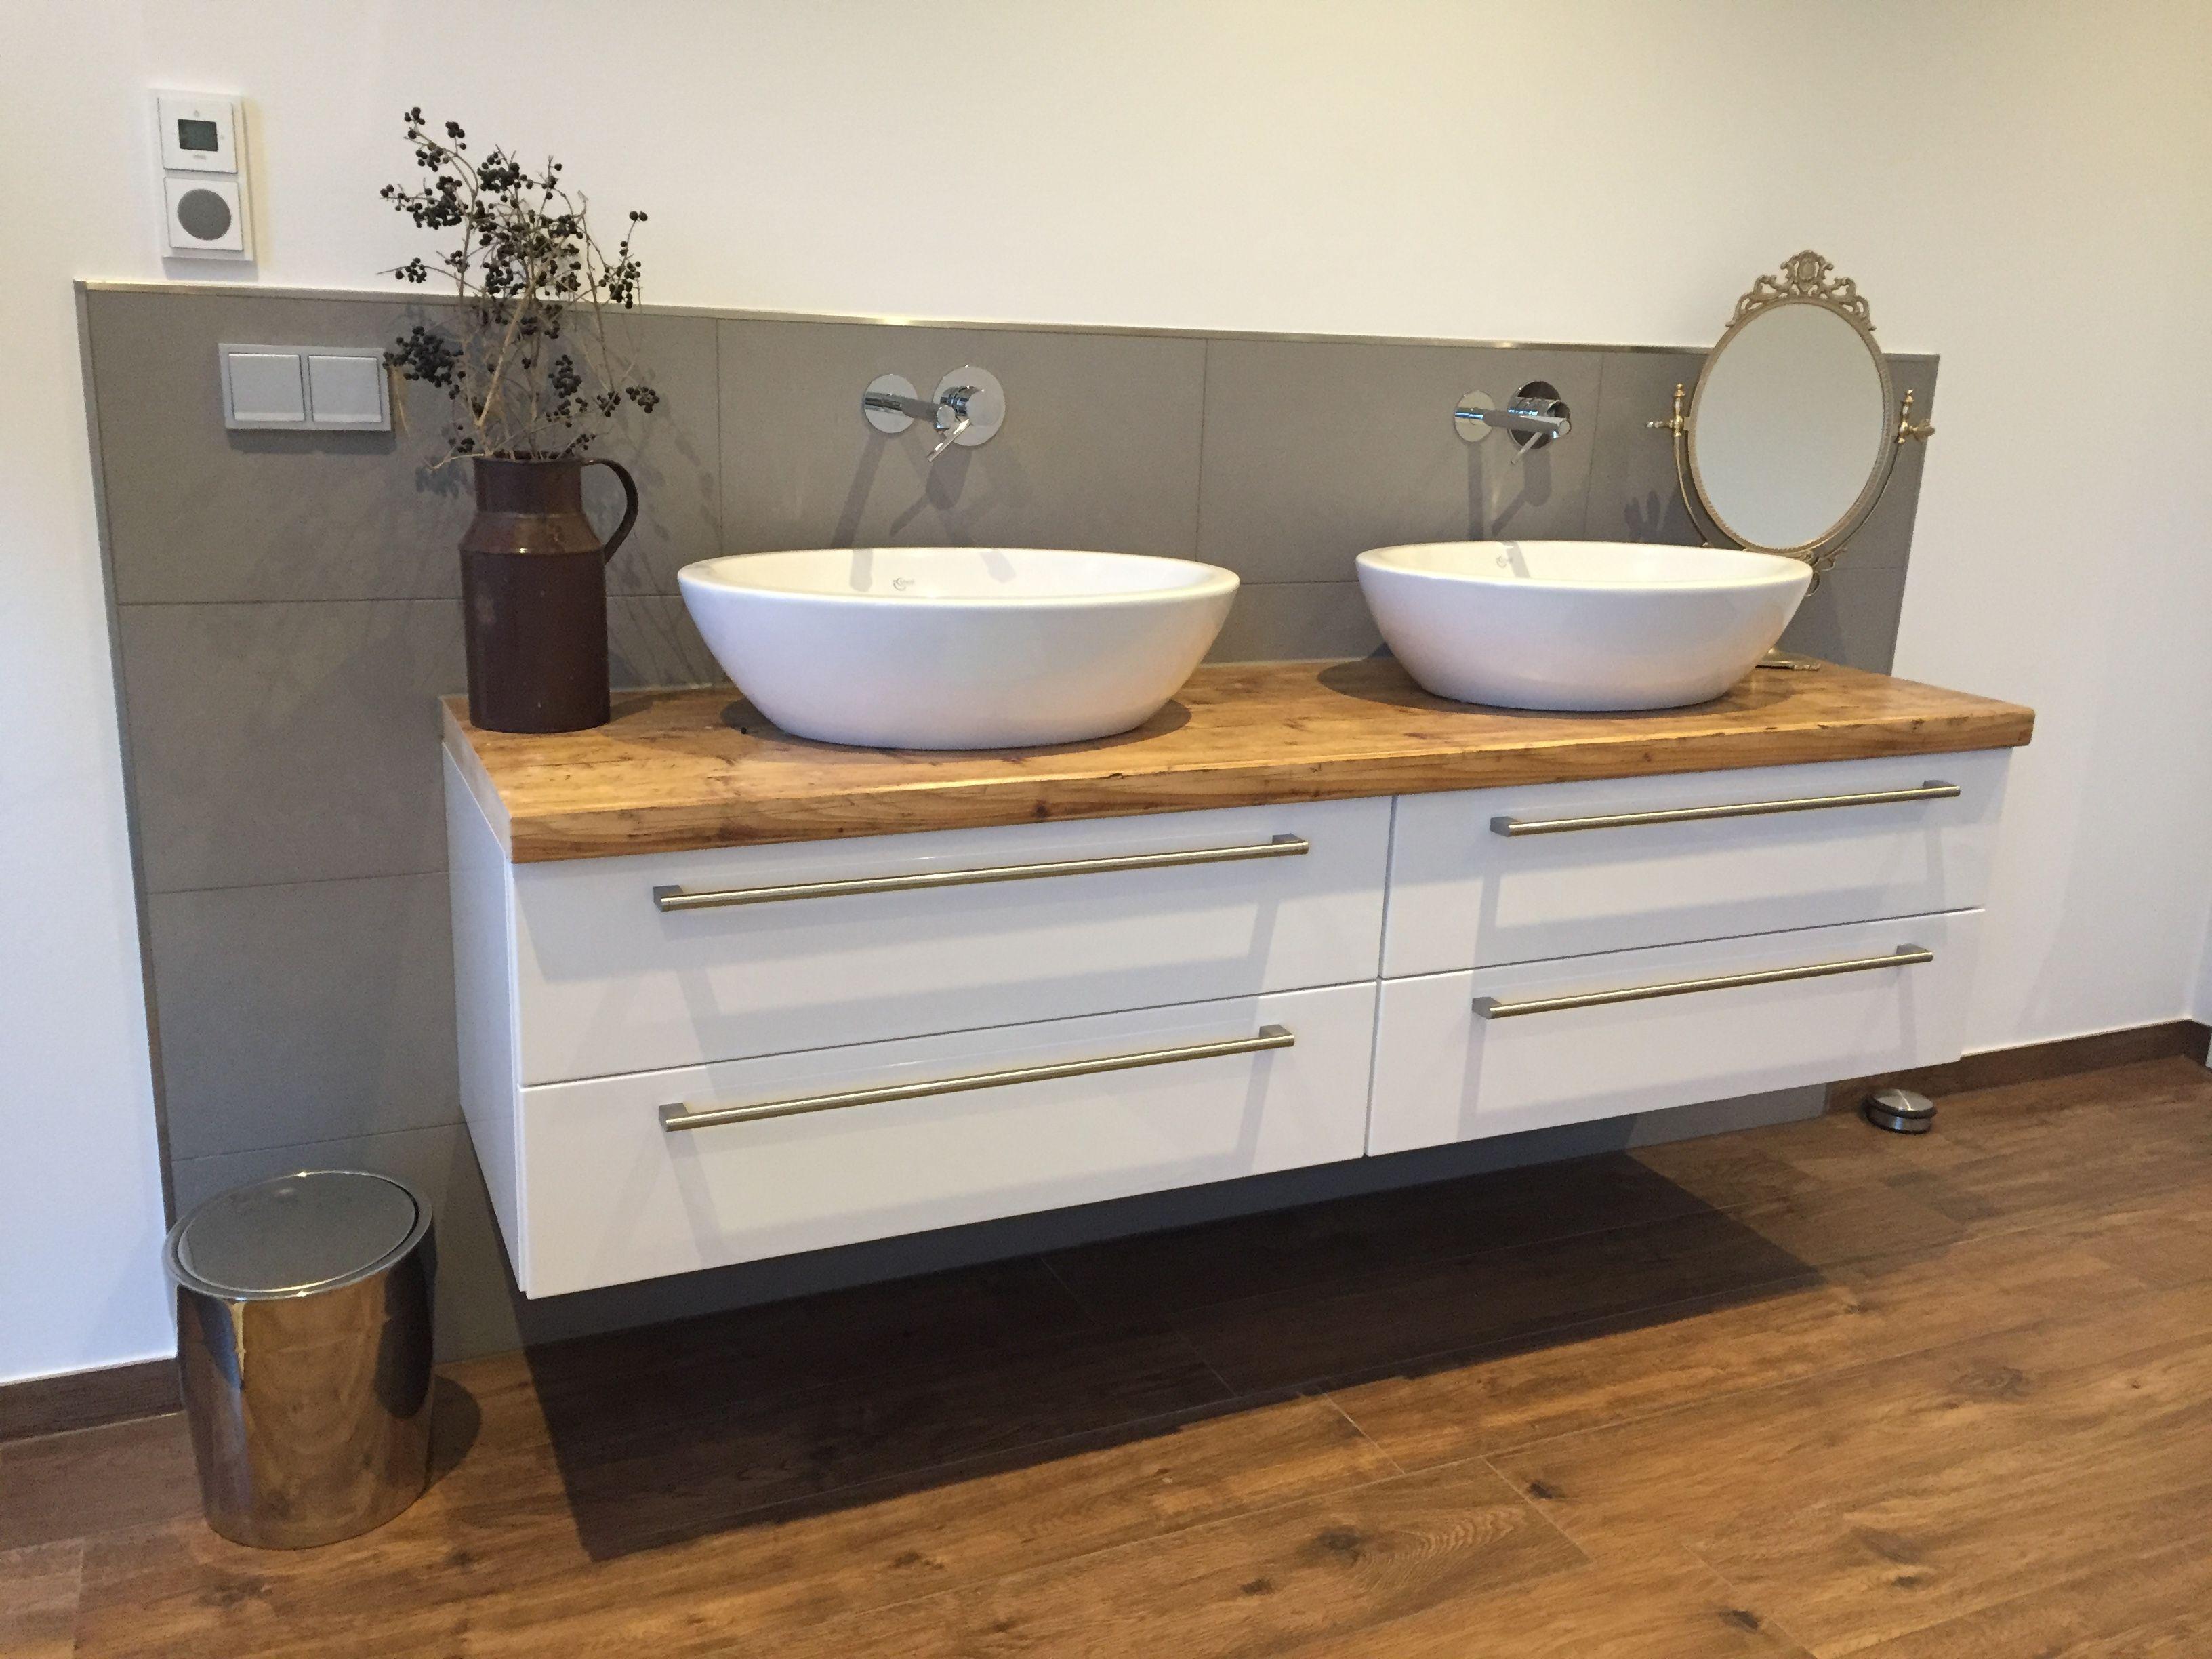 sch ne badem bel in kombination aus alt und neu badezimmer waschbeckenschrank holz. Black Bedroom Furniture Sets. Home Design Ideas